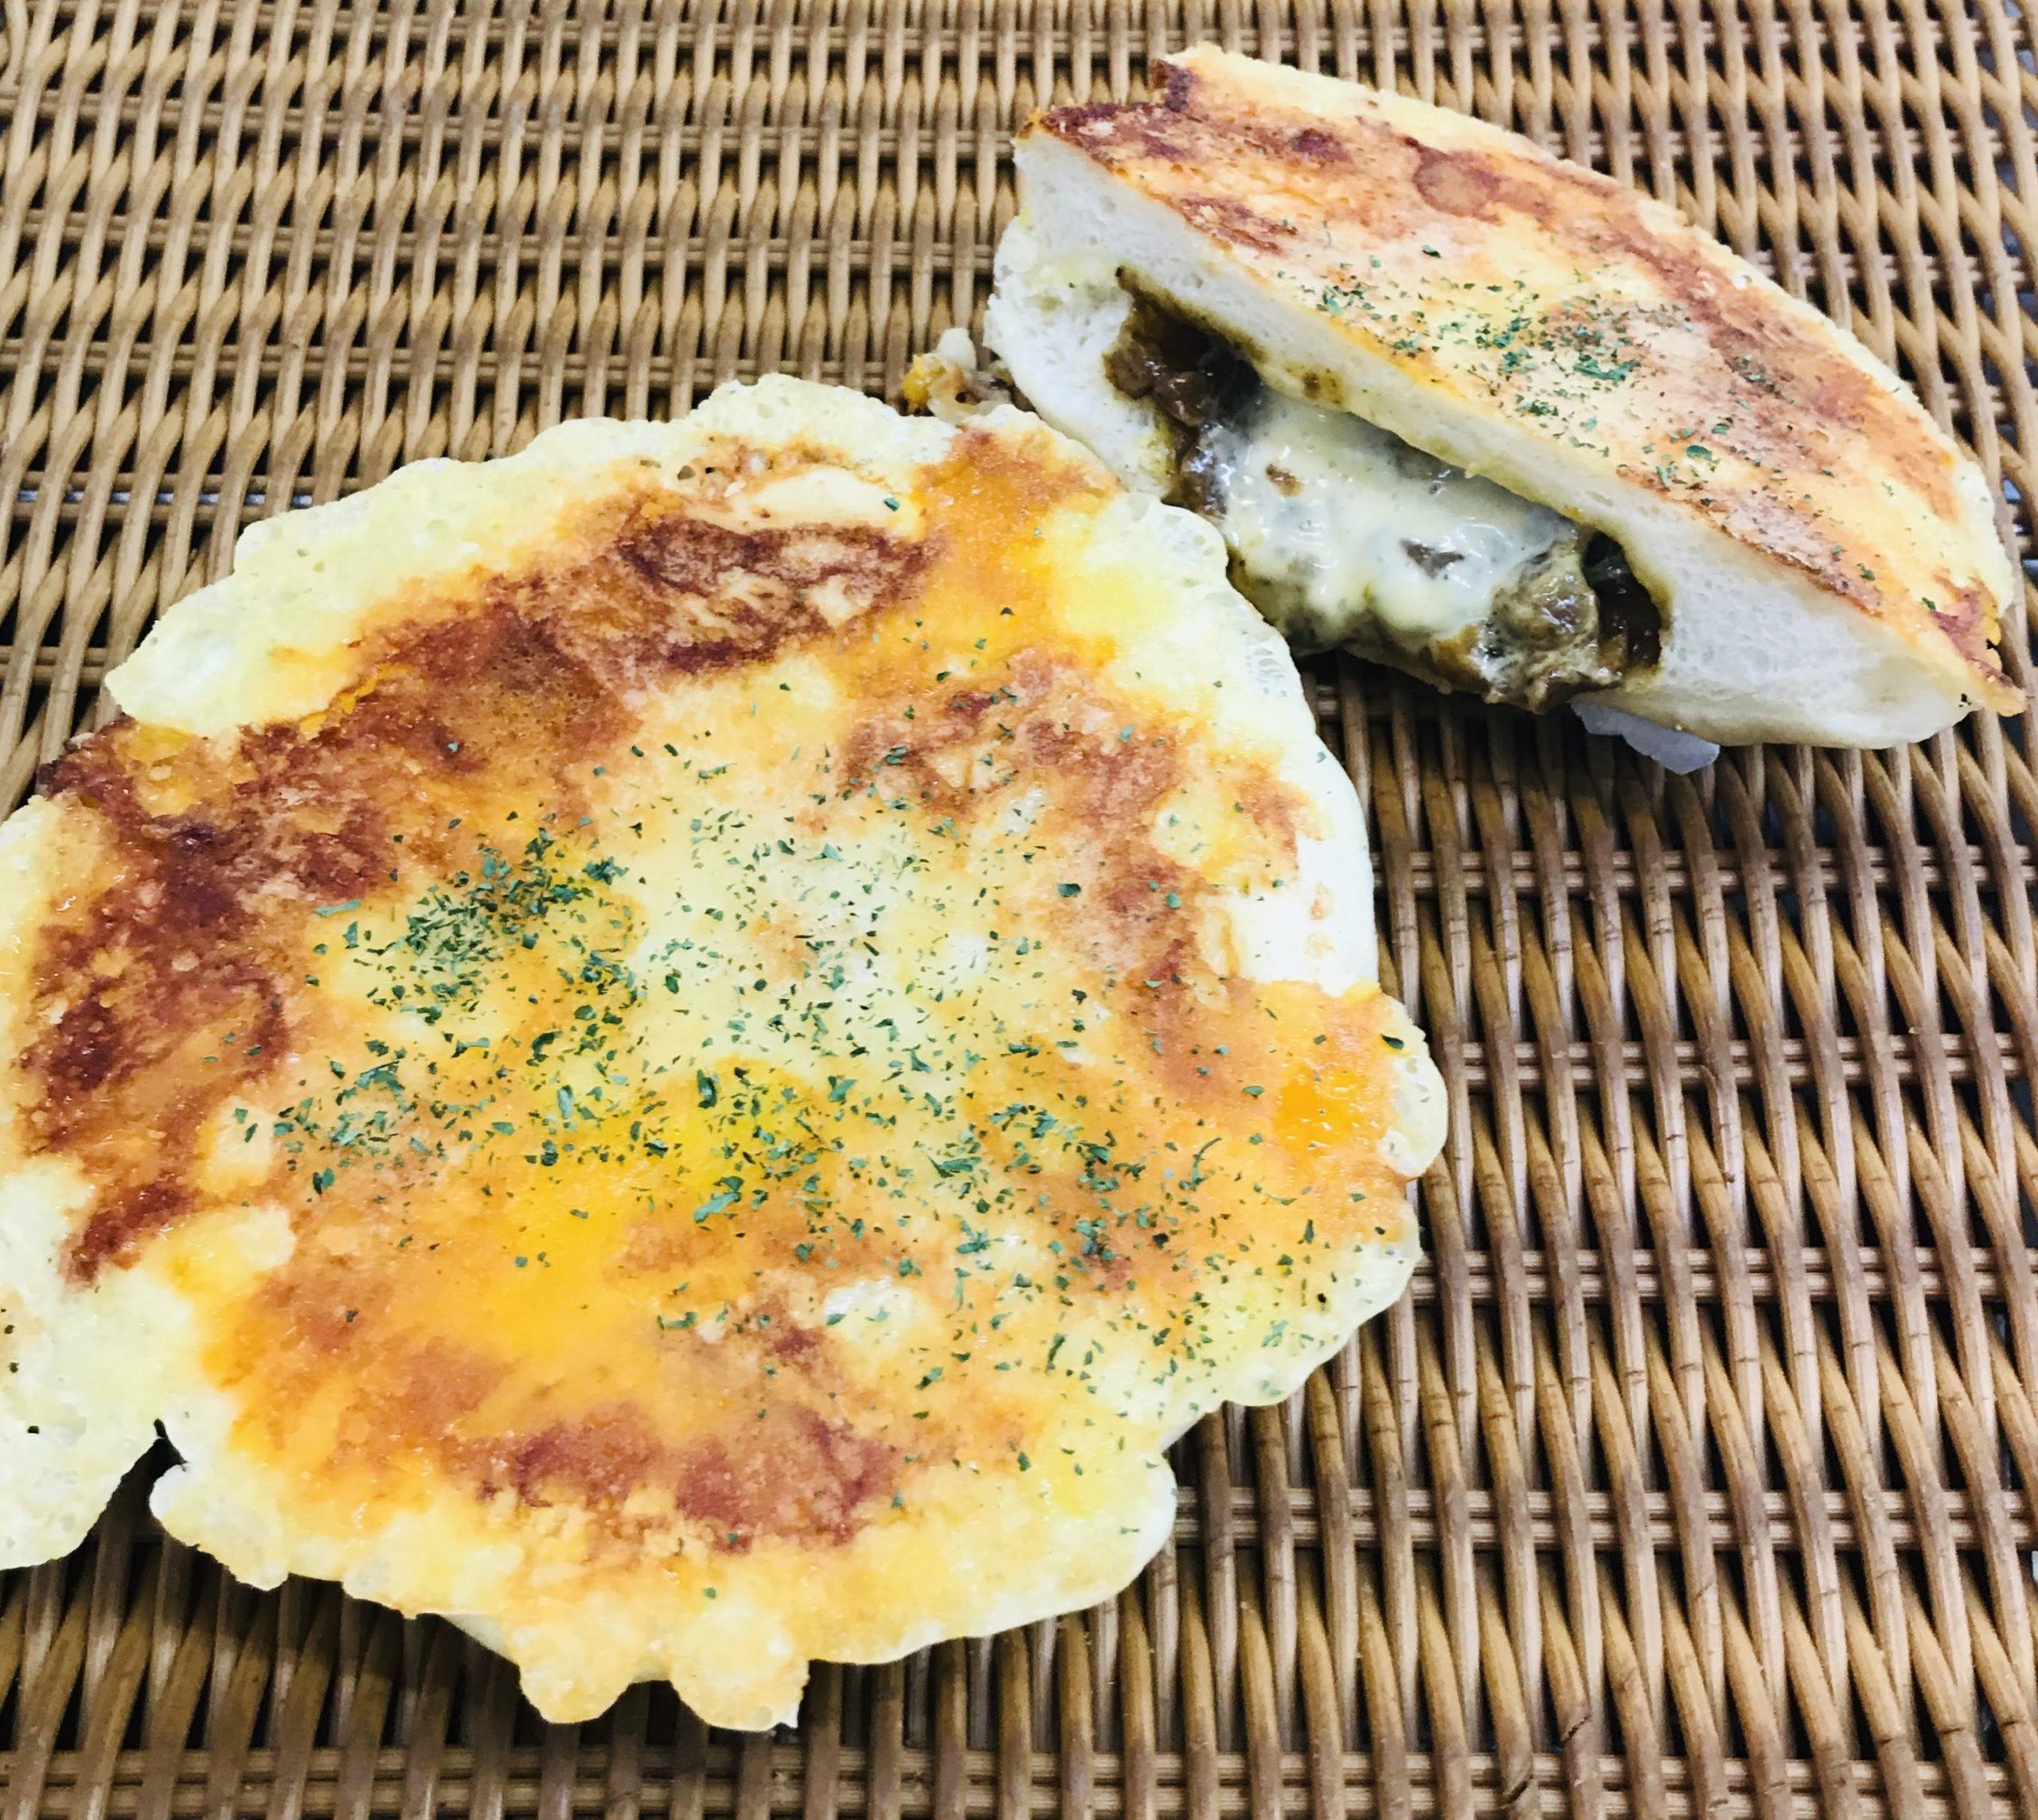 77.杏林堂の手作りパン工房ナチュール浜岡店_5種のチーズとこだわりカレーパン